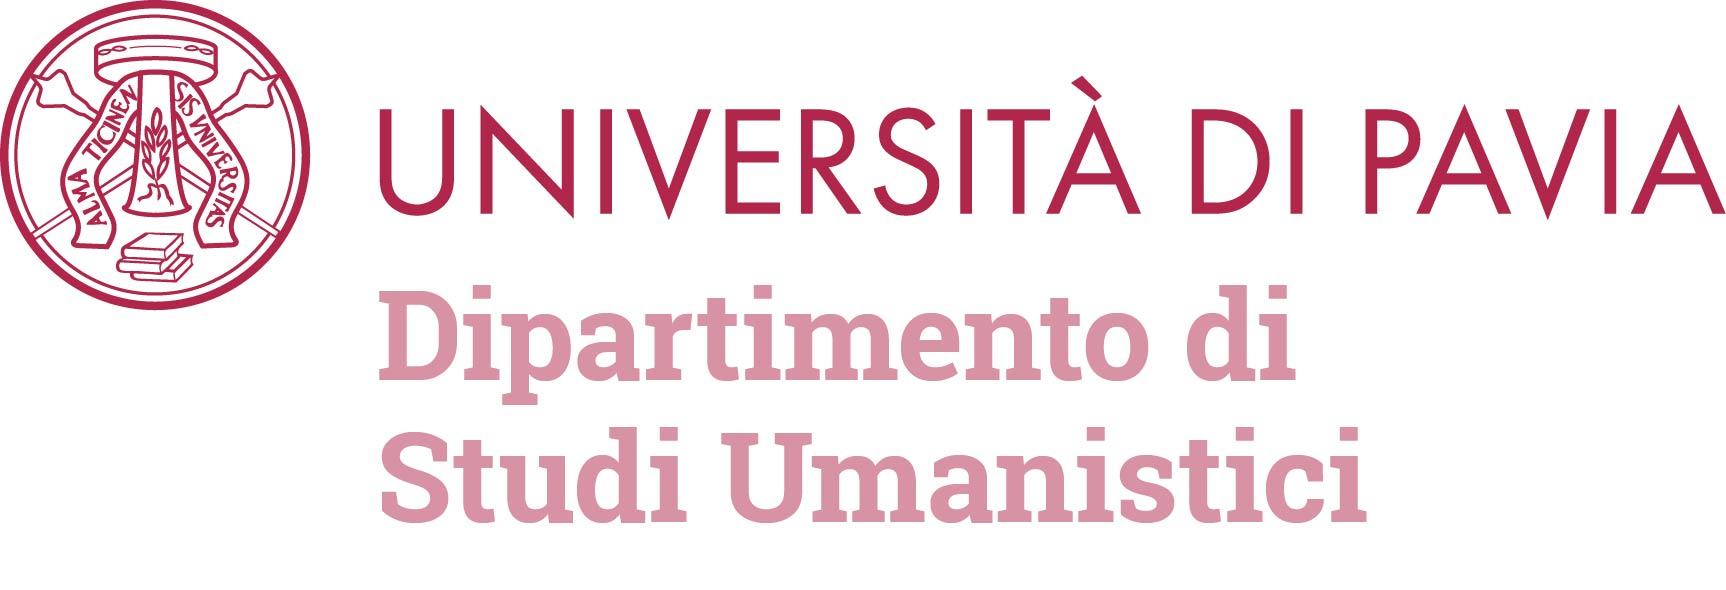 Università degli Studi di Pavia, Dipartimento di Studi Umanistici